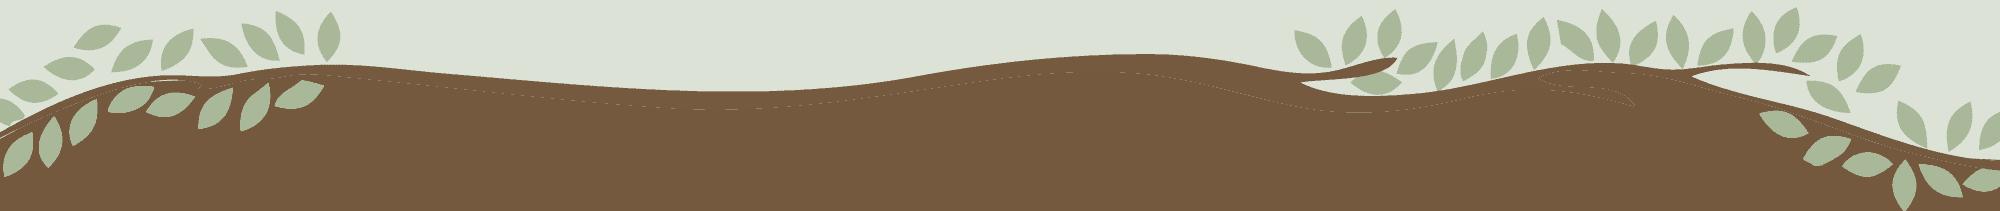 Tree Pattern Overlay